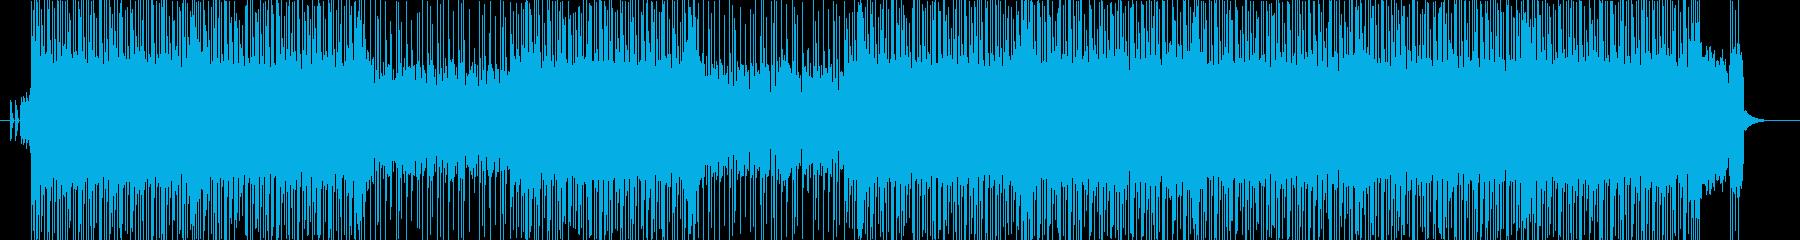 ポップパンク。同名楽曲のカラオケver。の再生済みの波形